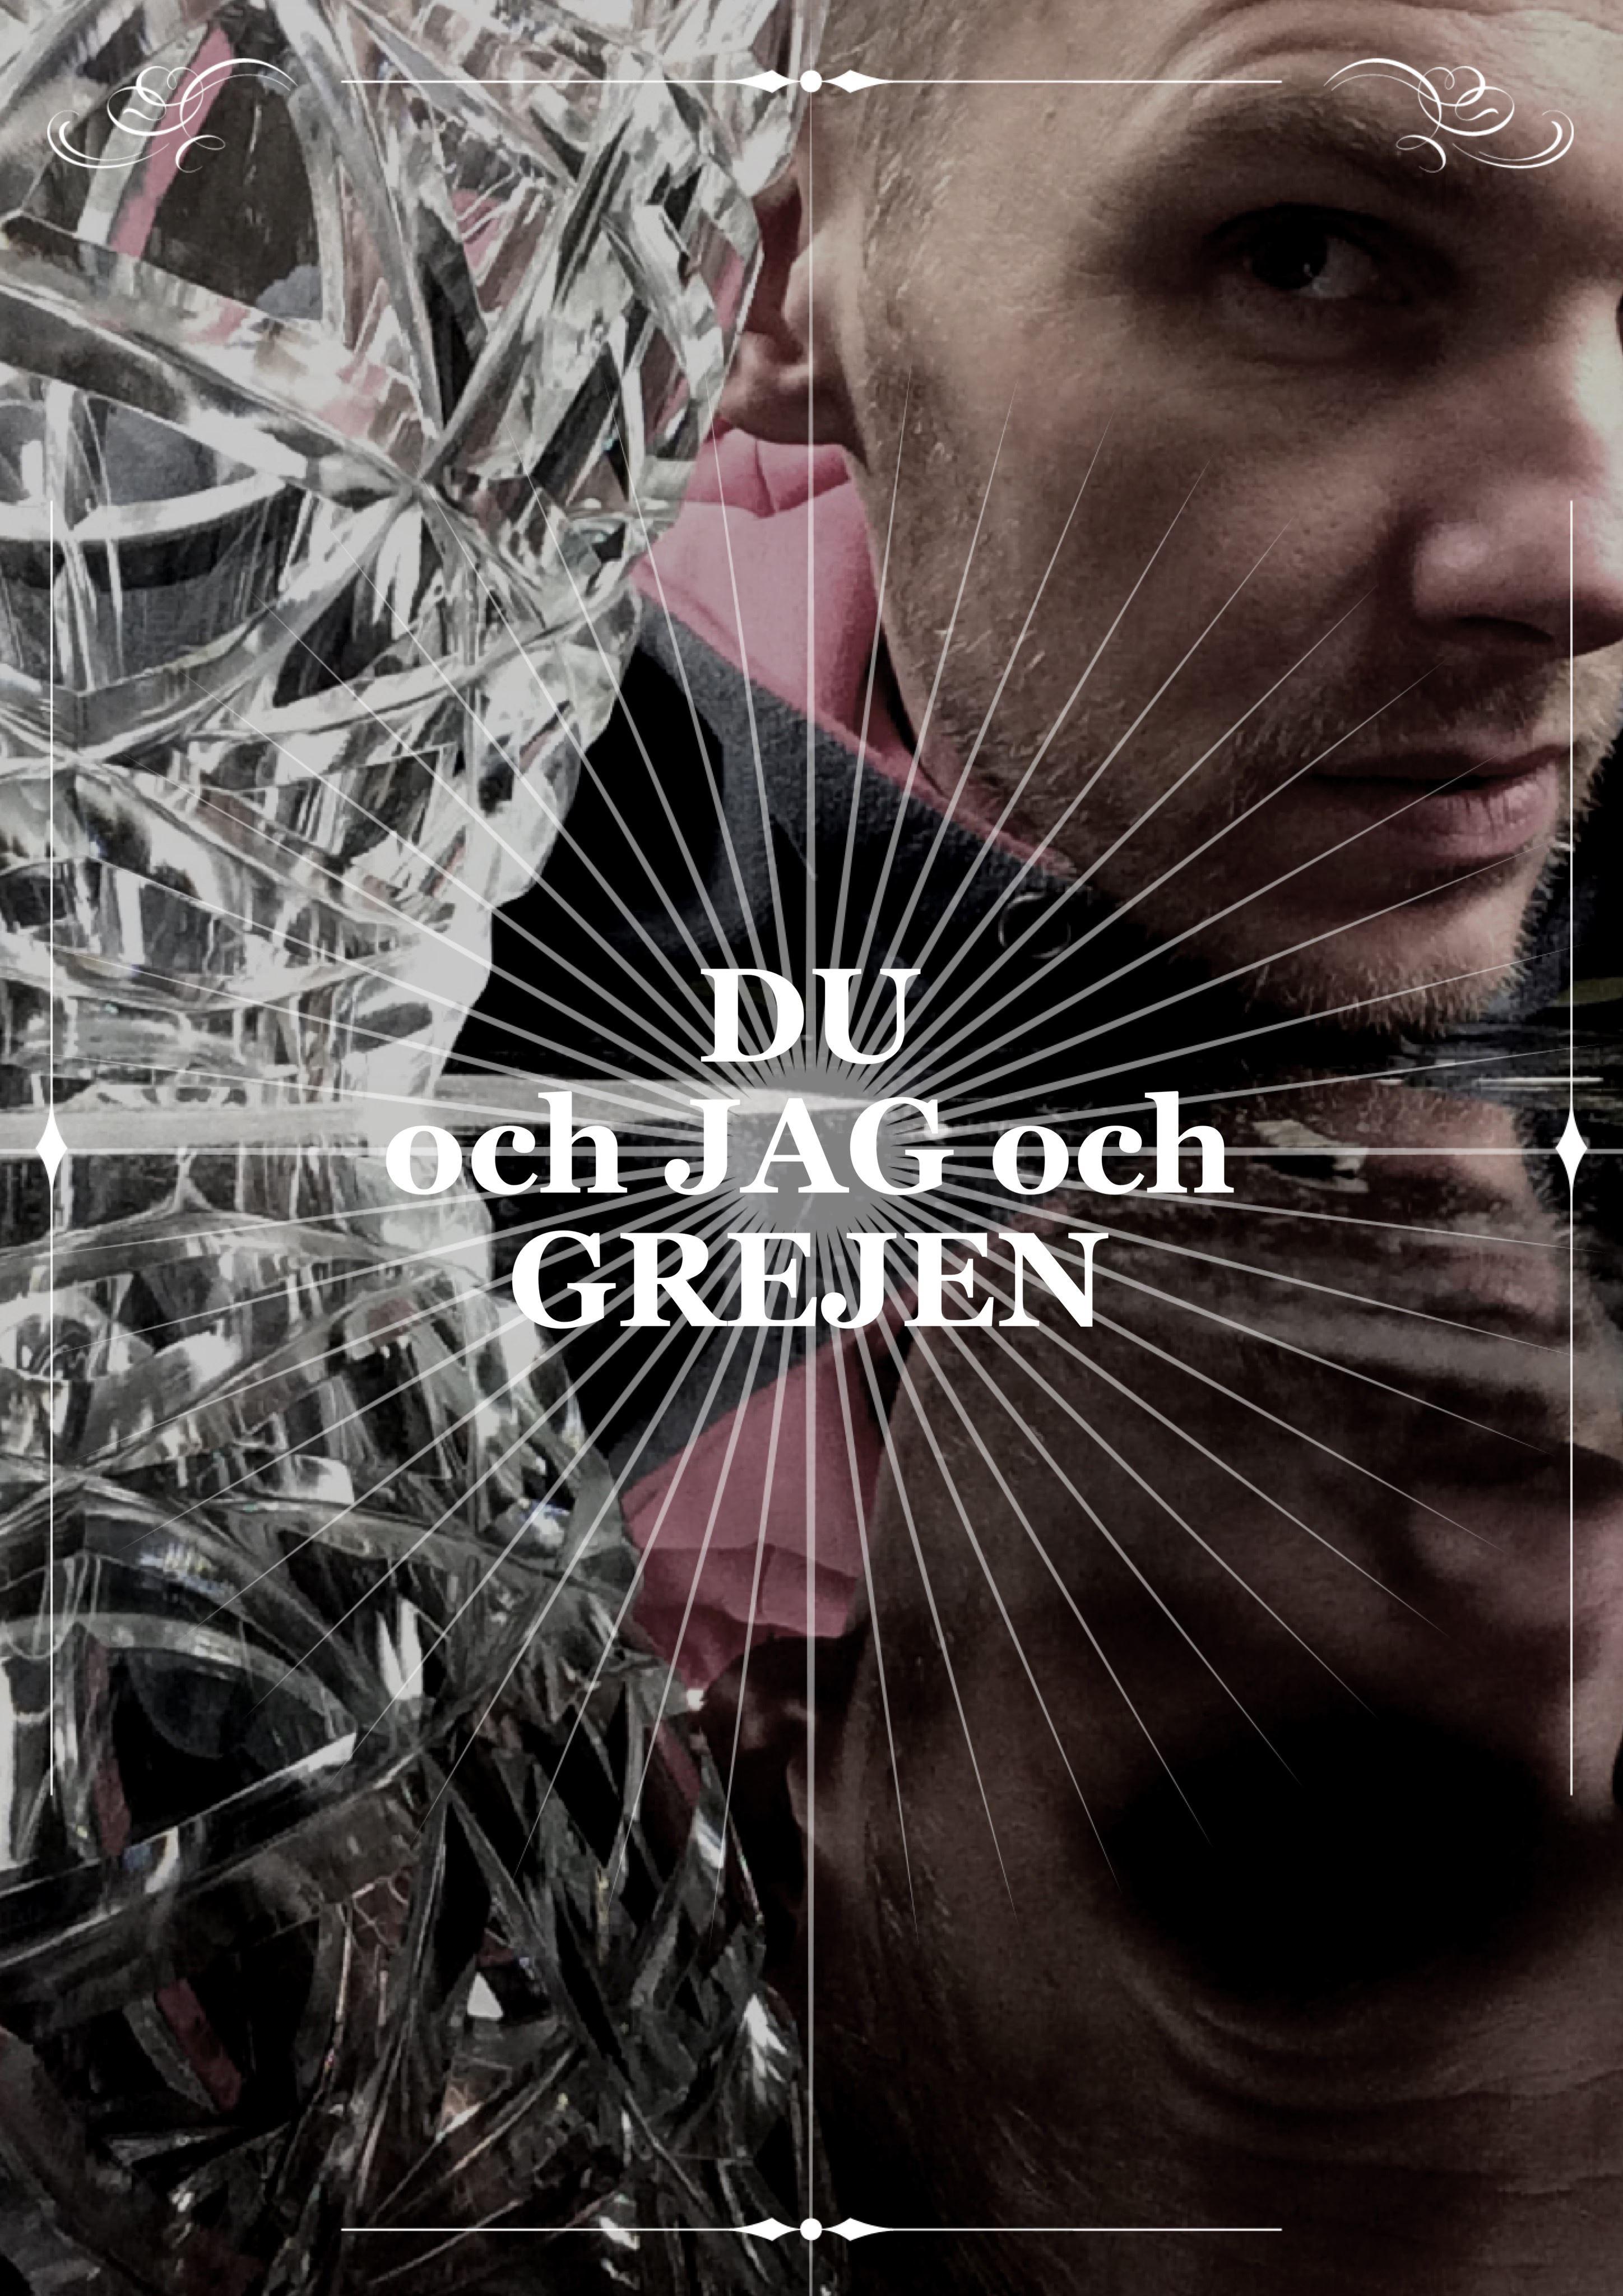 """Workshop The Glass Factory - """"DU och JAG och GREJEN"""""""